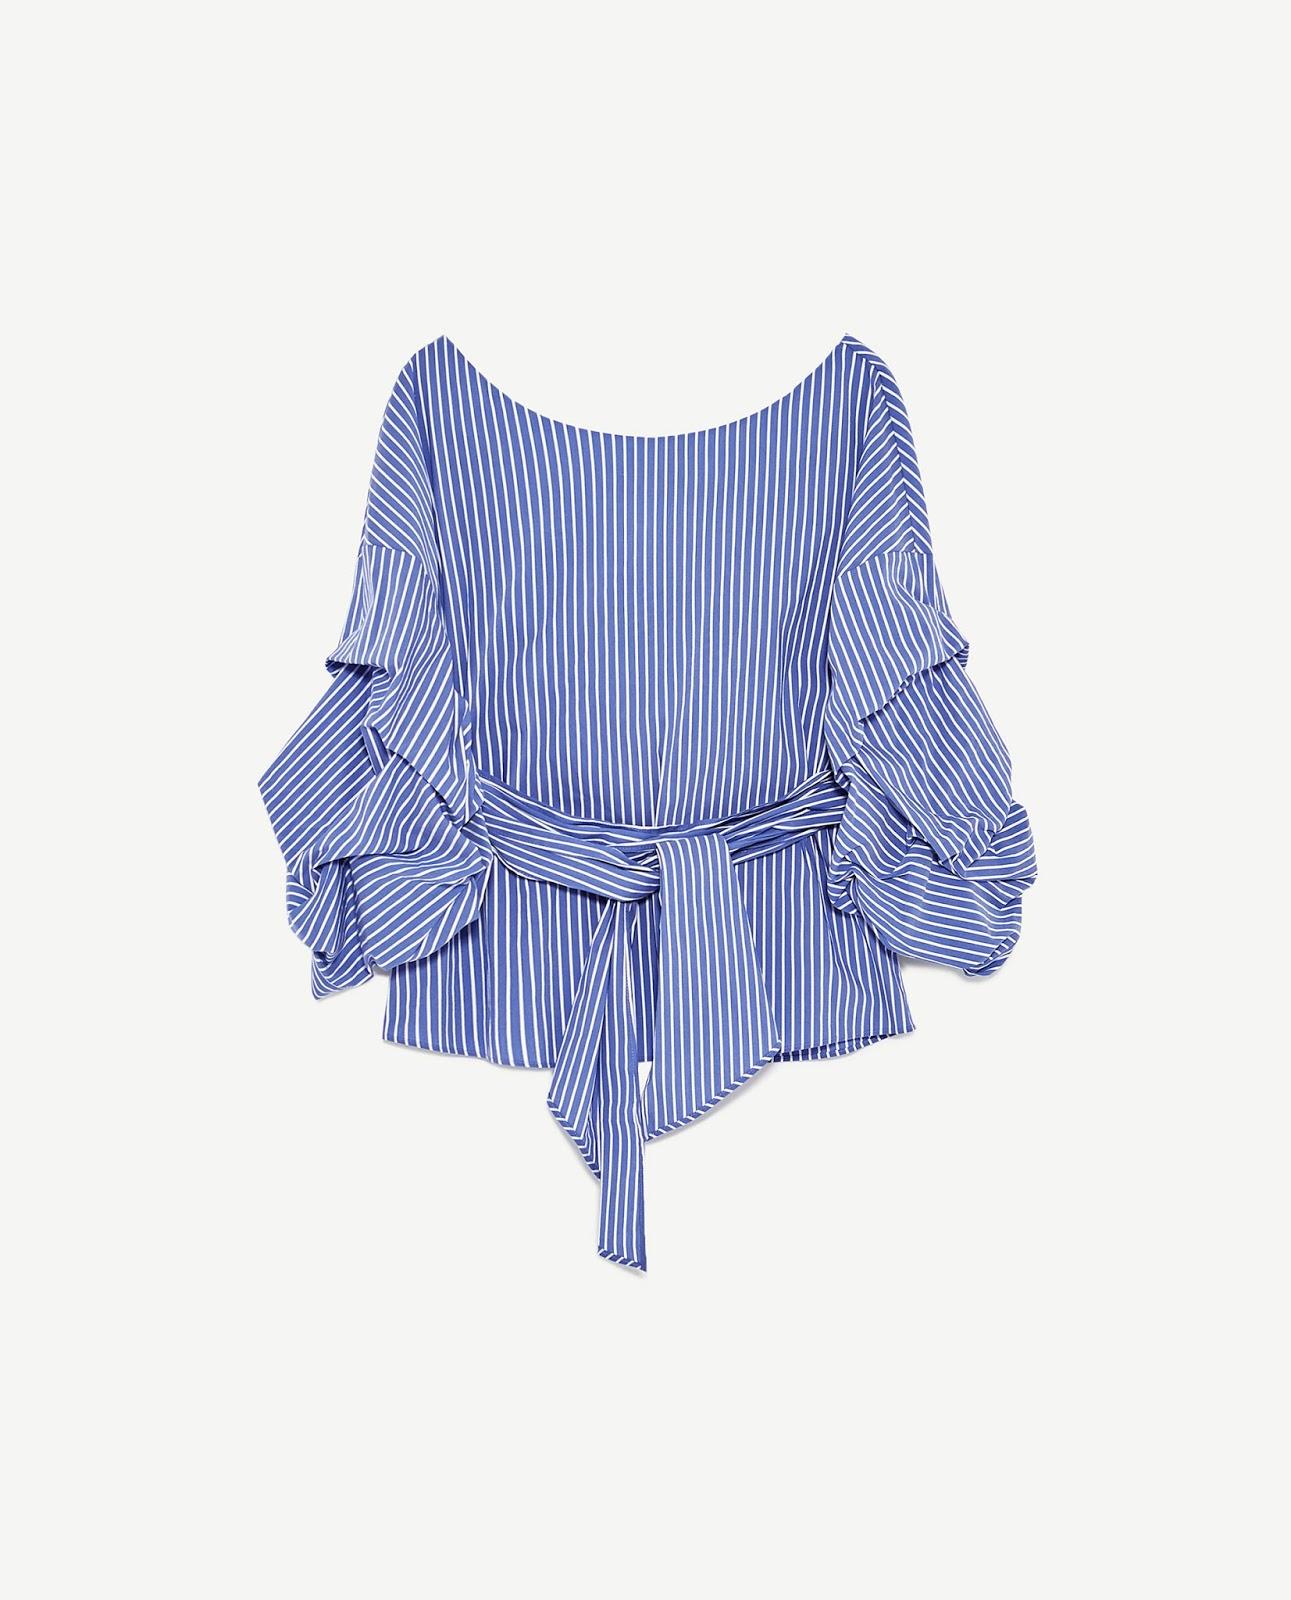 ZARA niebieska koszula w paski, falbany, trendy 2017, co kupić na wyprzedaży w Zarze